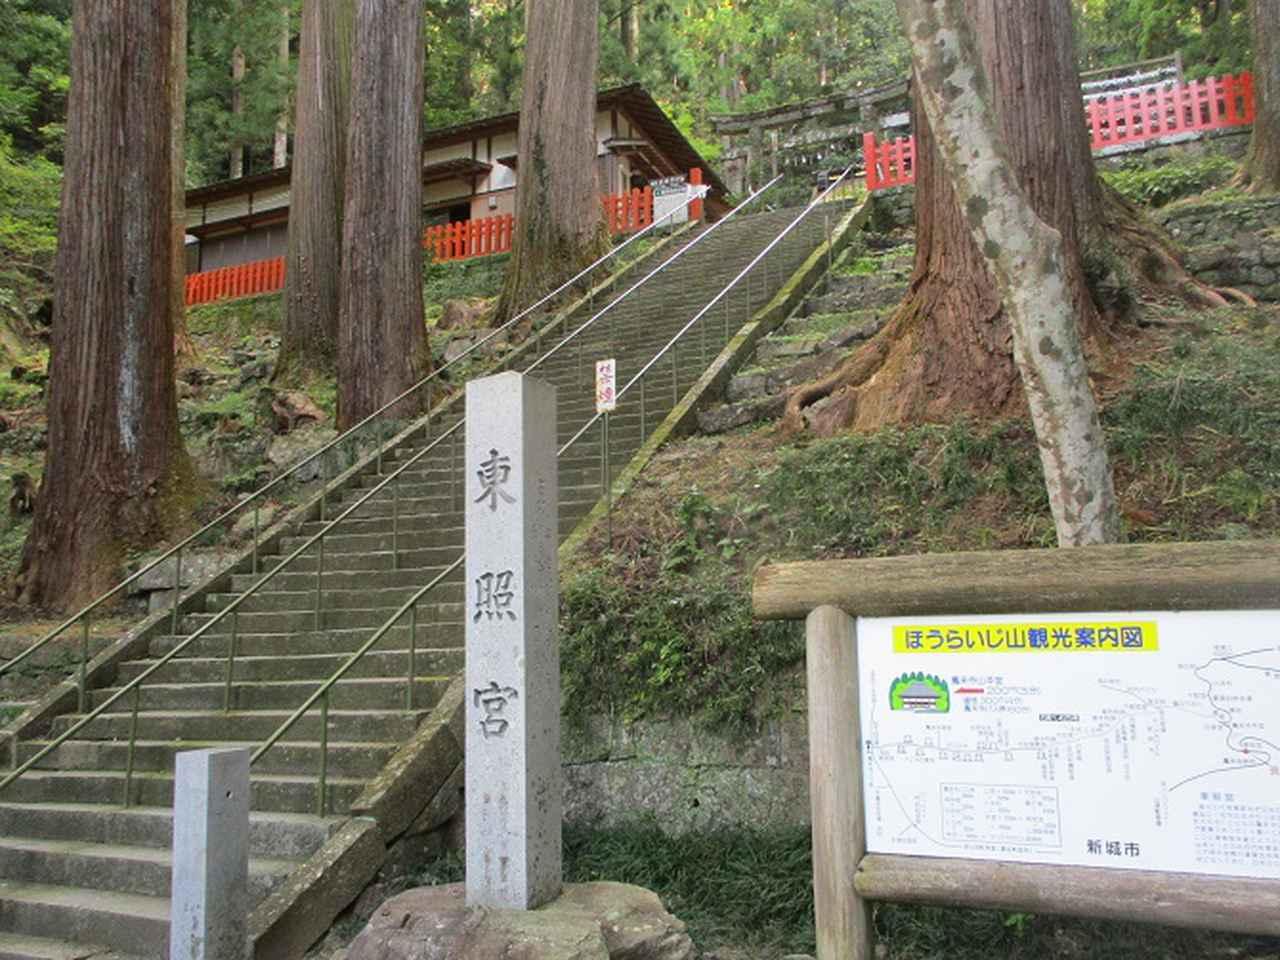 画像2: 11月の山旅会 「香嵐渓と鳳来寺山」 の下見に行ってきました!